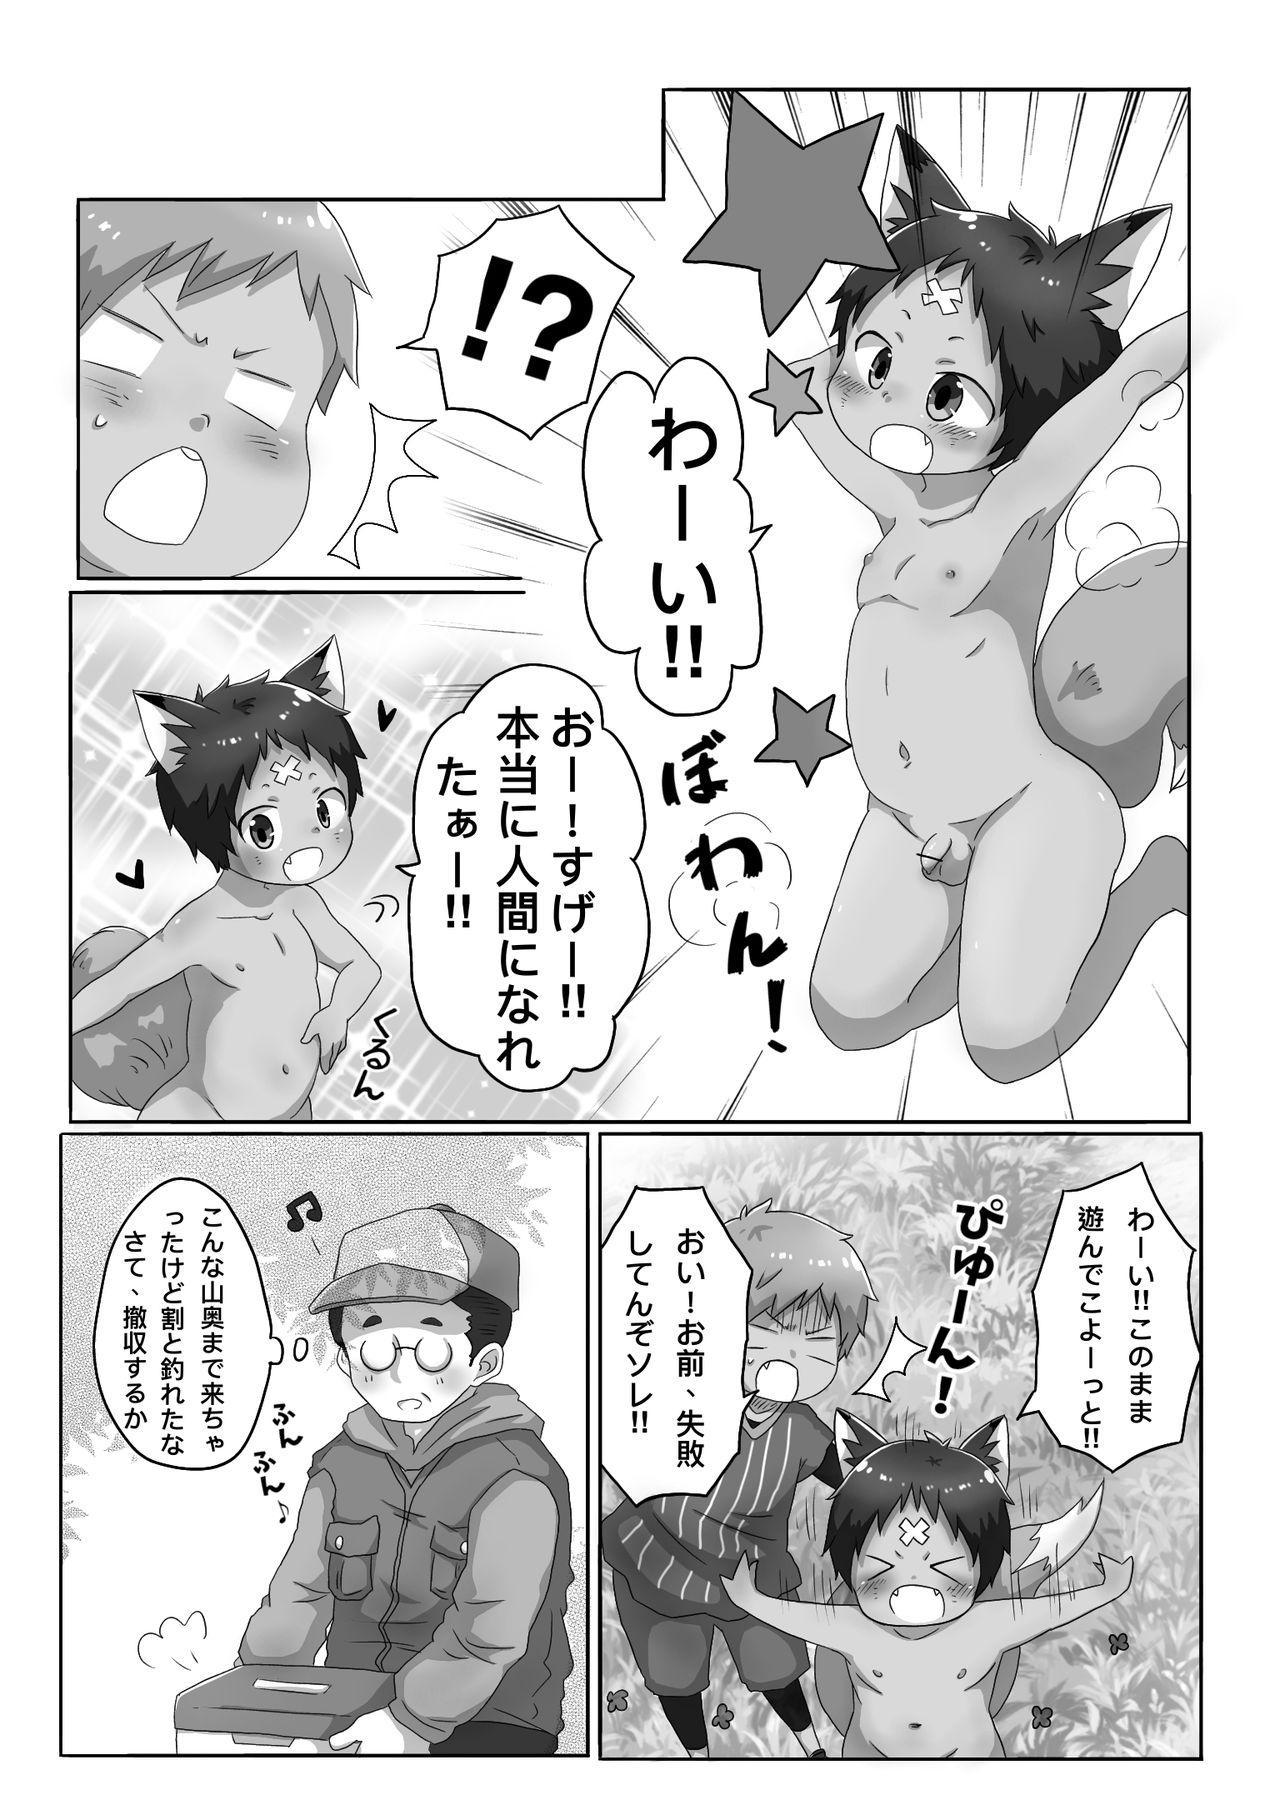 ゴロタ - 狐男児の話 2